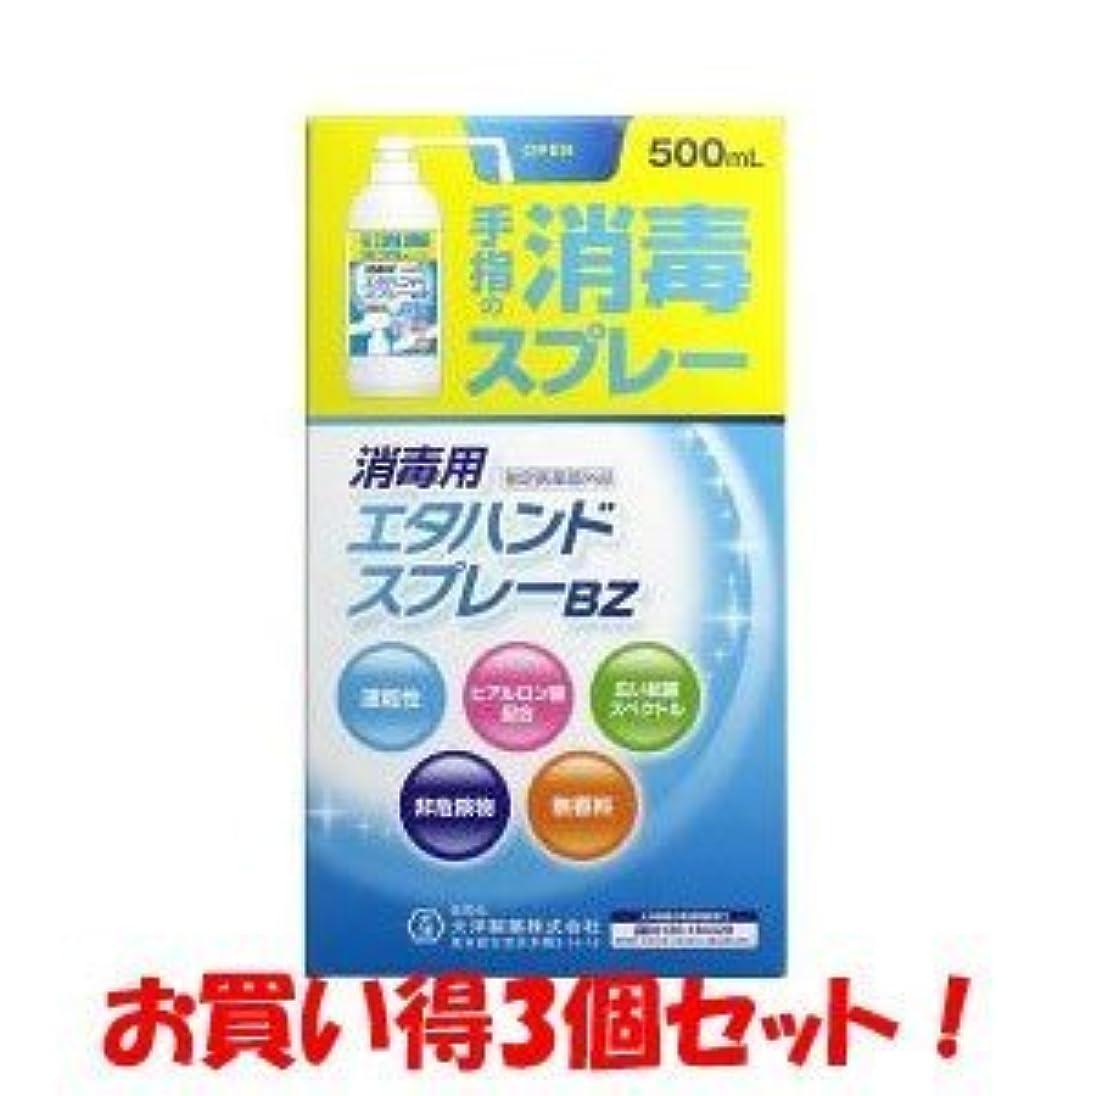 技術者うぬぼれフェローシップ(大洋製薬)大洋製薬 消毒用エタハンドスプレーBZ 500ml(医薬部外品)(お買い得3個セット)